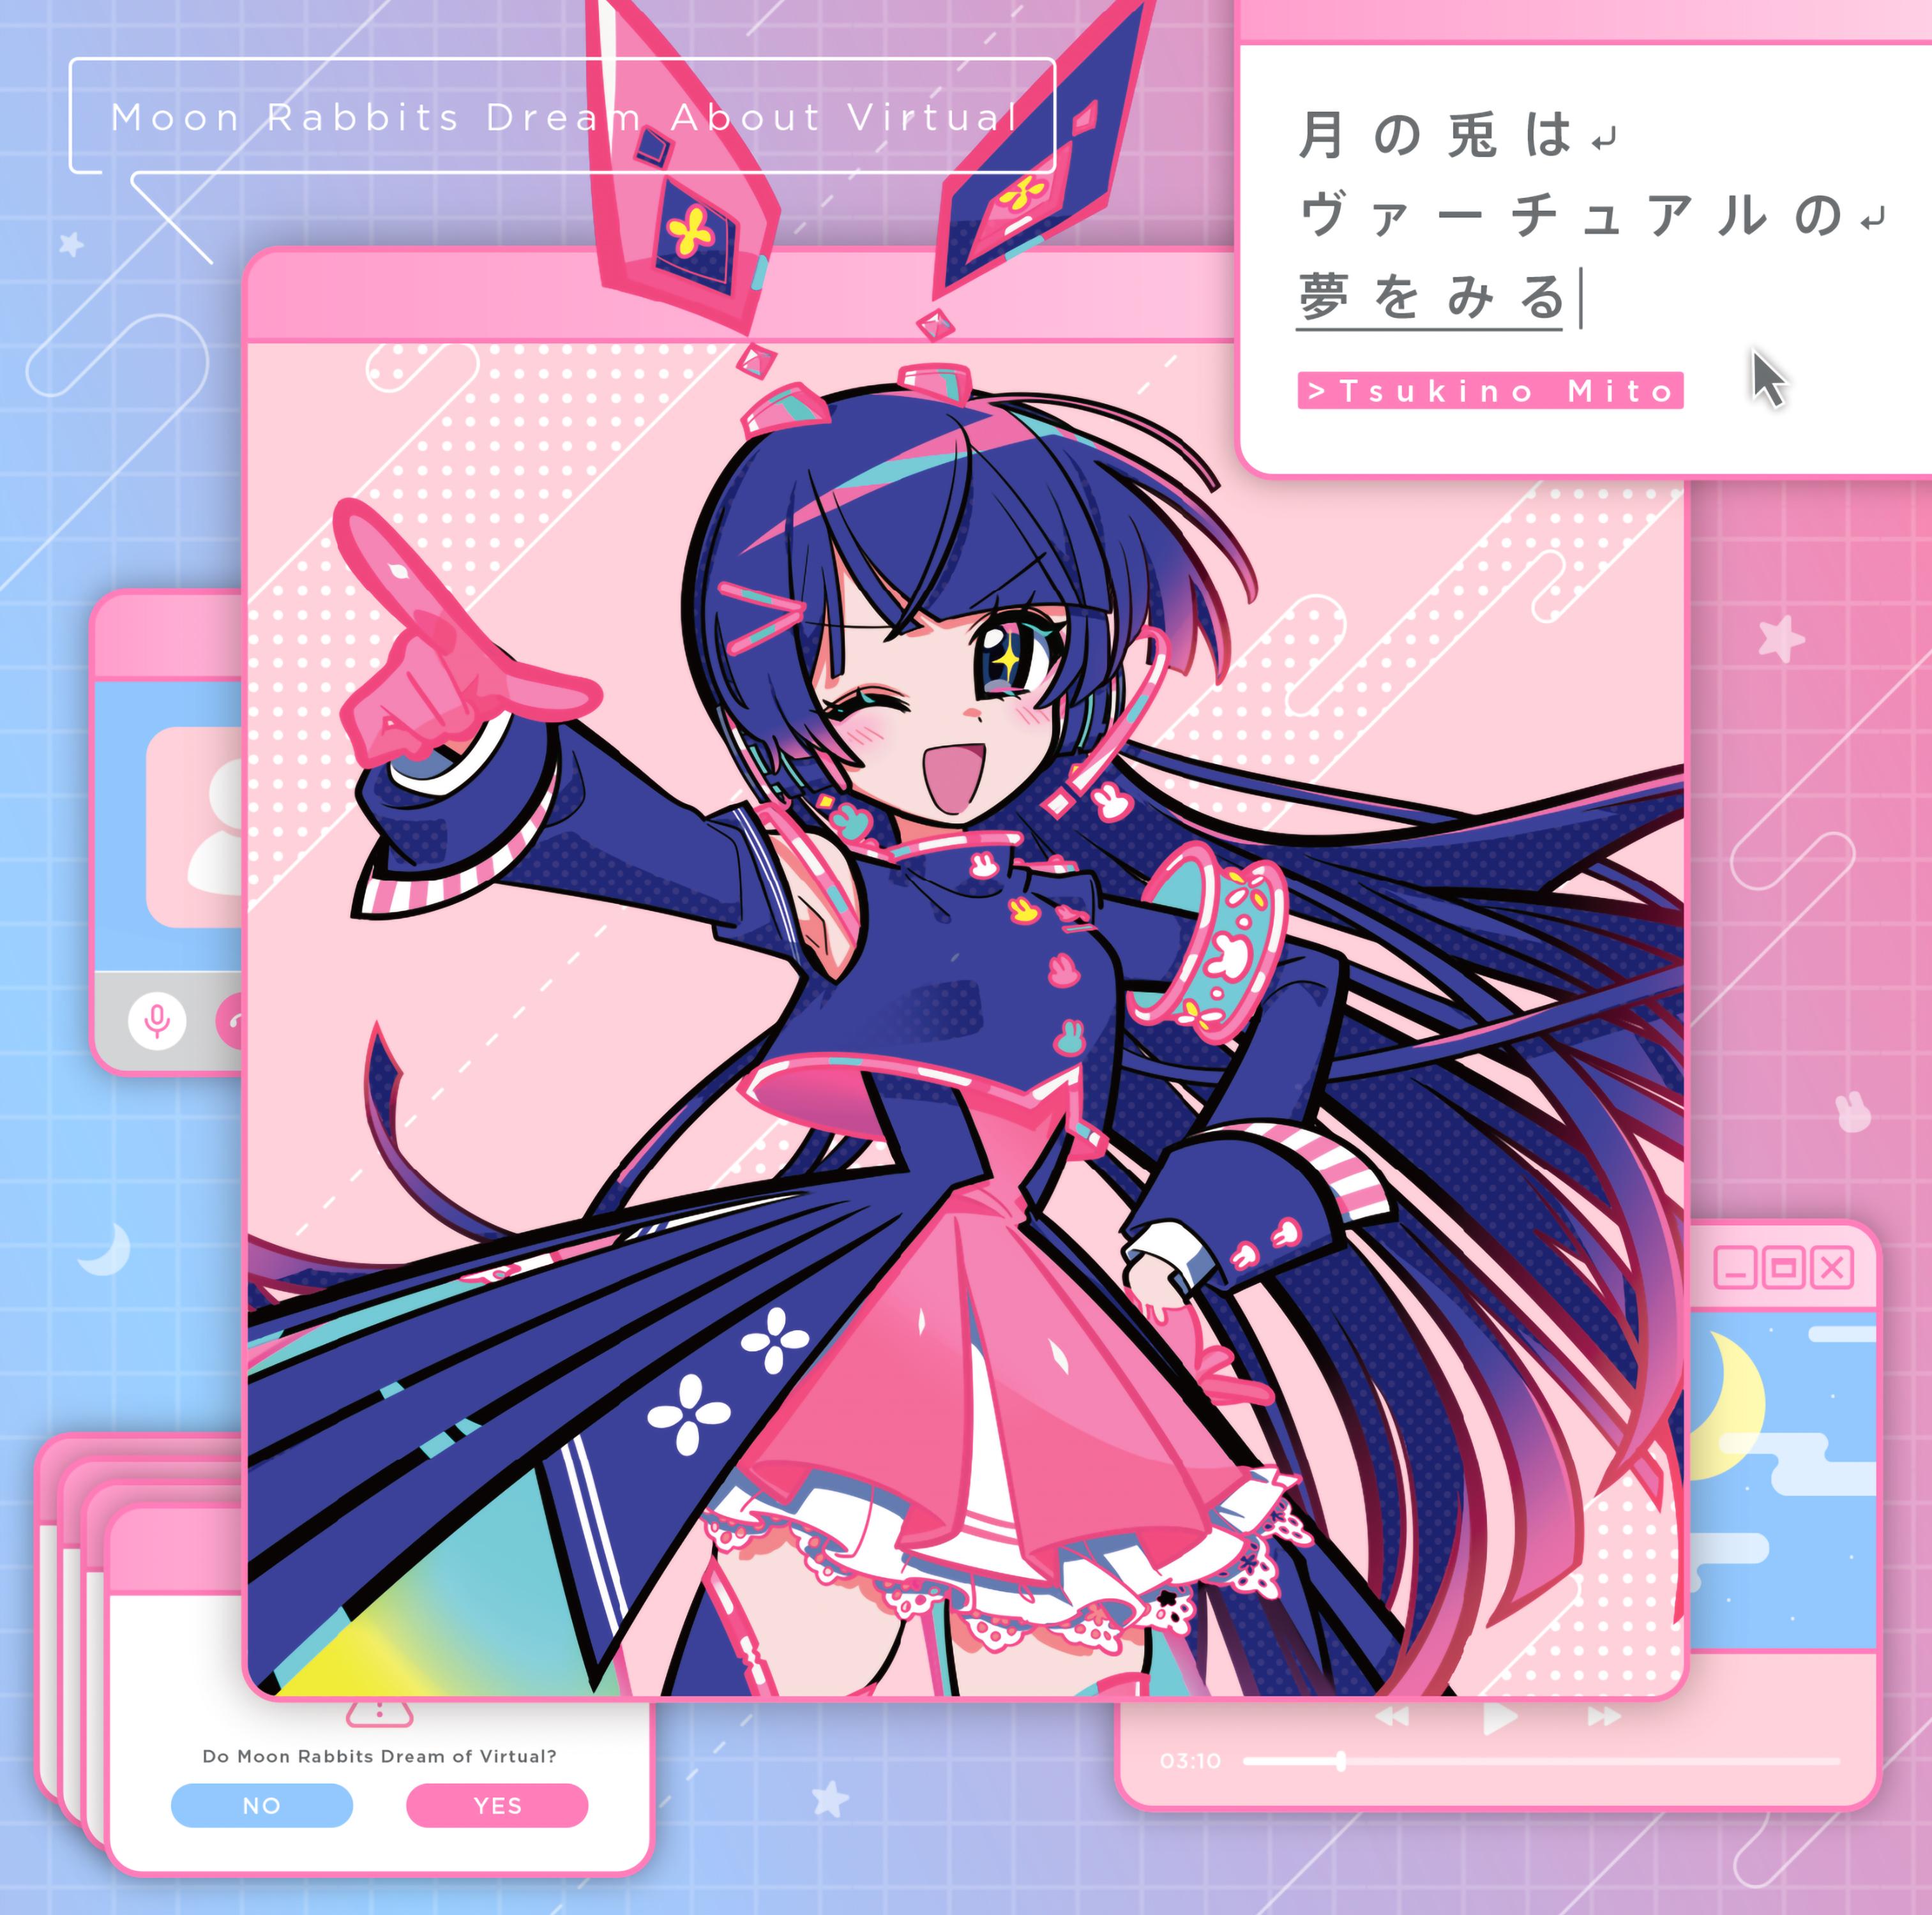 TsukinoMito_h1_rgb